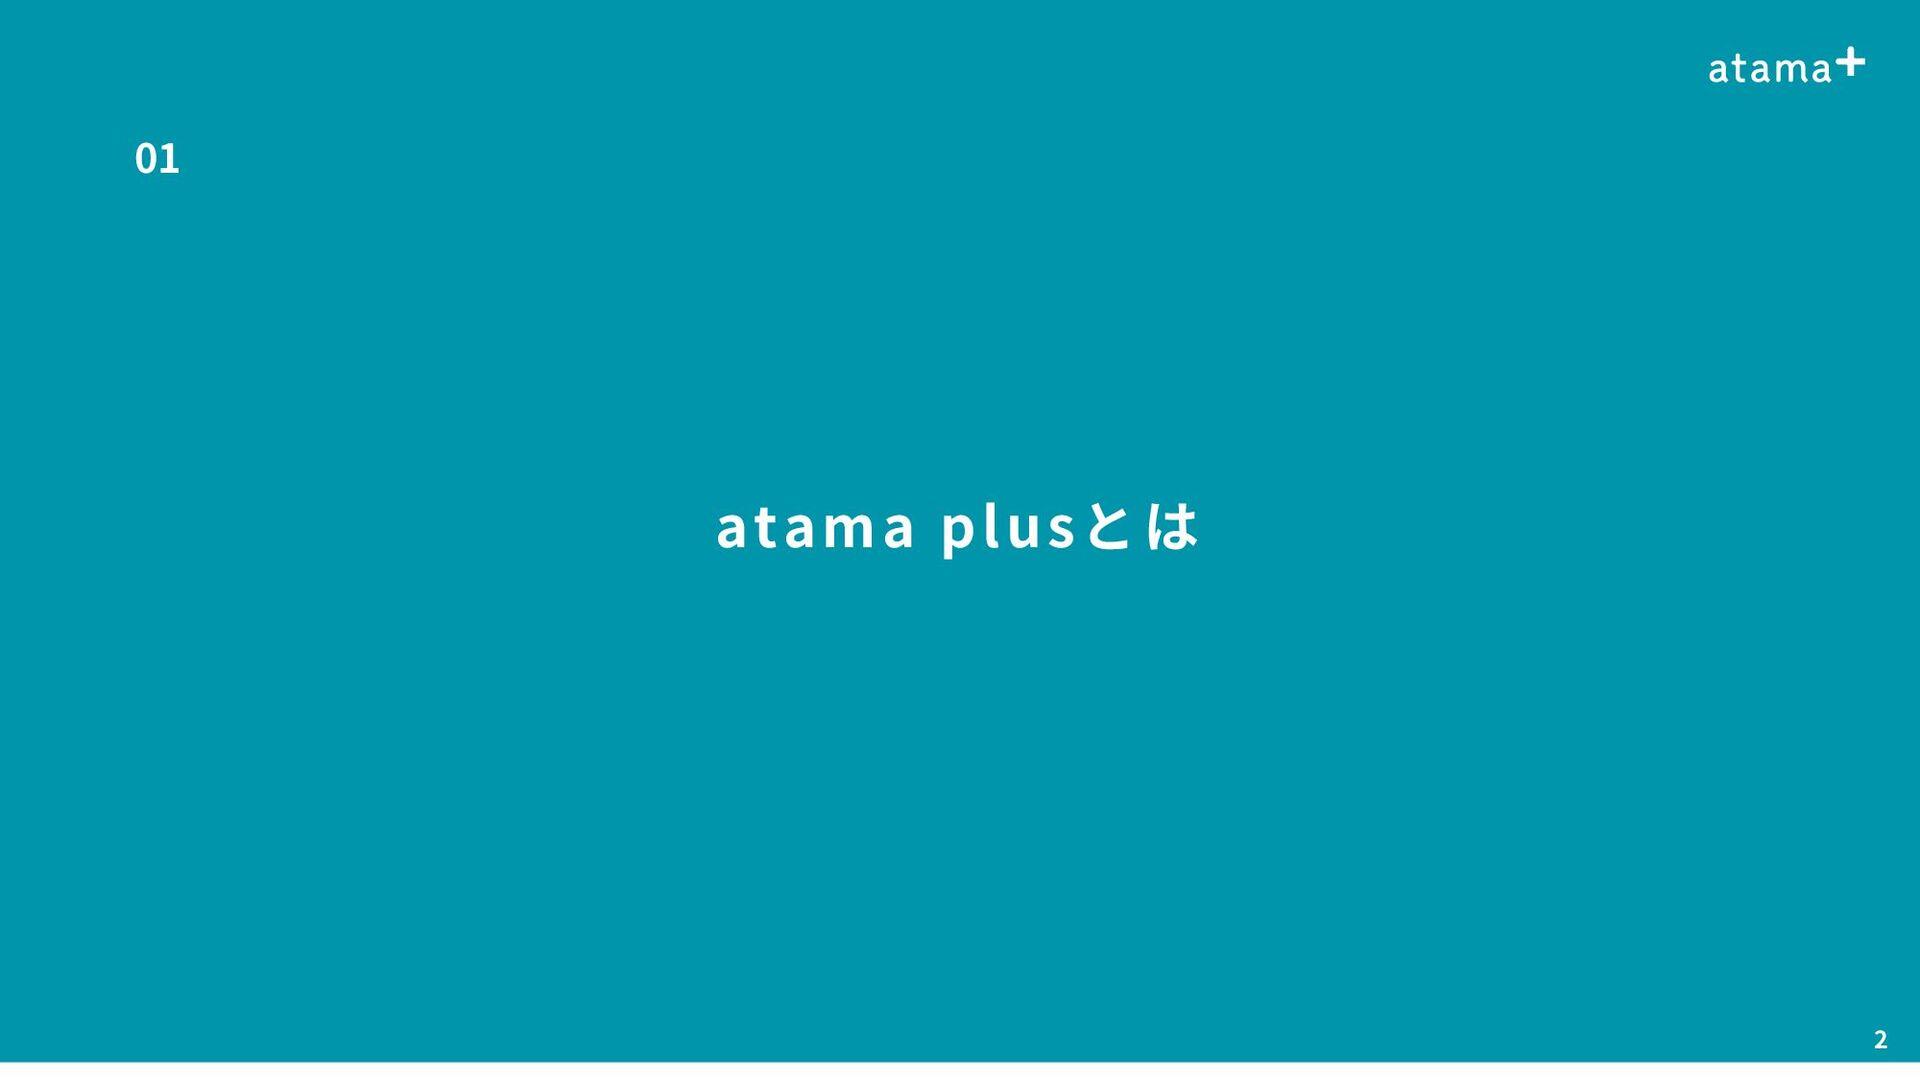 atama plusとは 01 2